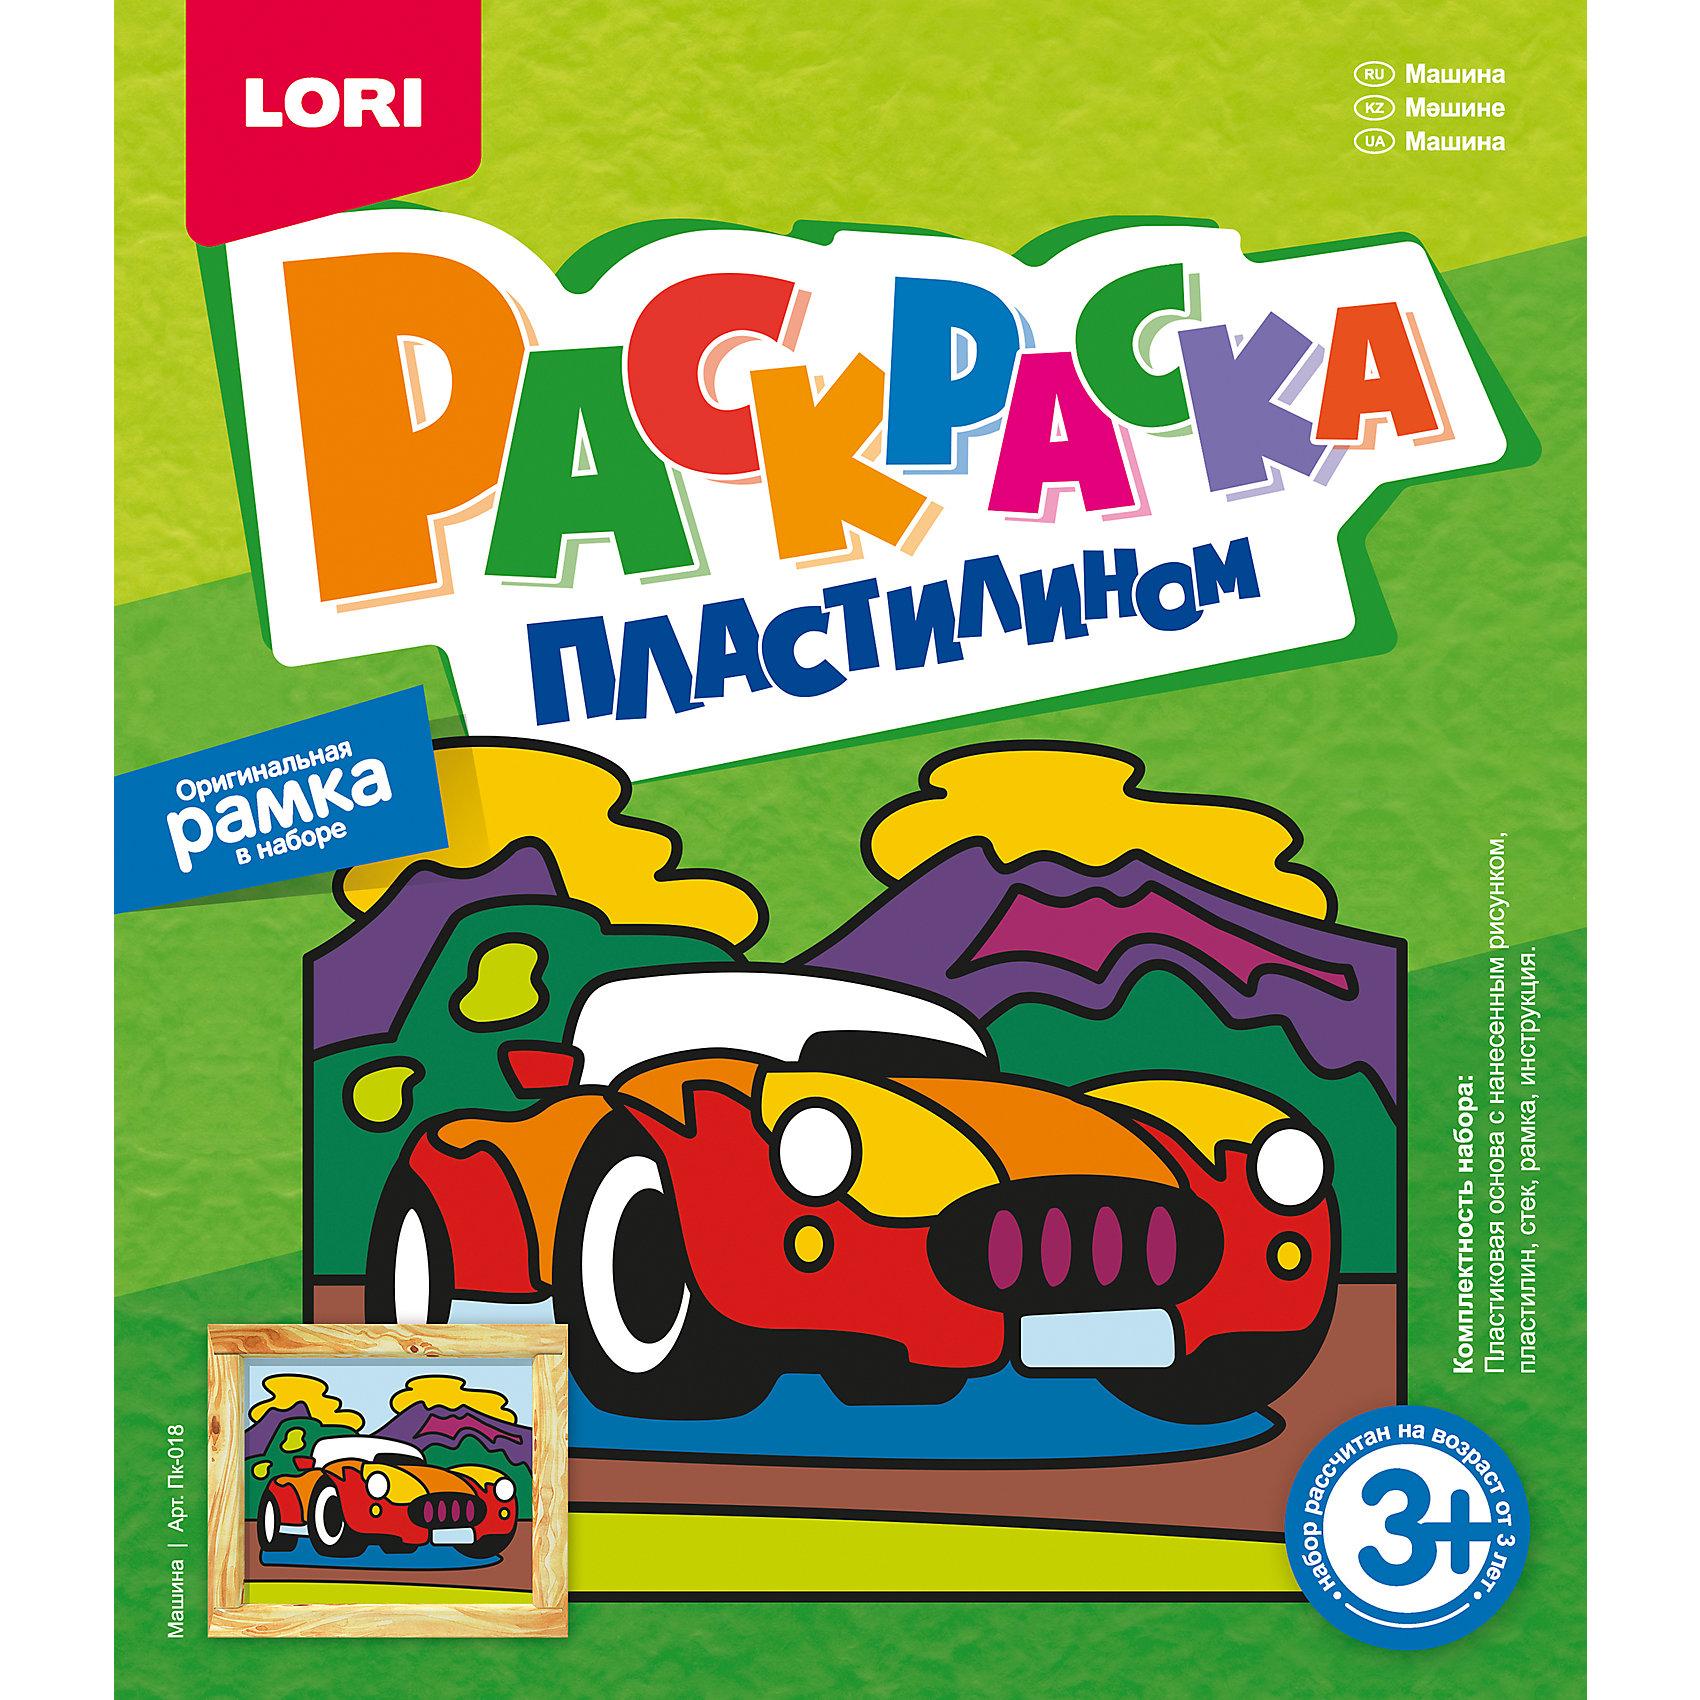 Раскраска пластилином МашинаХарактеристики раскраски пластилином Машина:<br><br>- возраст: от 3 лет<br>- пол: для мальчиков<br>- комплект: основа, пластилин, рамка, стек, инструкция.<br>- размер упаковки: 20 * 4 * 23 см.<br>- упаковка: картонная коробка.<br>- страна обладатель бренда: Россия.<br><br>Раскраска пластилином Машина поможет сделать живописную картину из пластилина, изображающую яркую машинку с открытым верхом. В наборе есть основа, на которую нанесен контур будущей картины. Нужно просто равномерно заполнить пустые участки слоем пластилина, а потом сверху добавить мелкие пластилиновые детали. Неровные края участков можно поправлять с помощью стека. При работе с более мелкими деталями ребенку может понадобиться Ваша помощь.<br>В наборе есть рамка, в которую можно вставить полученный шедевр!<br><br>Раскраску пластилином Машина можно купить в нашем интернет-магазине.<br><br>Ширина мм: 230<br>Глубина мм: 200<br>Высота мм: 40<br>Вес г: 277<br>Возраст от месяцев: 36<br>Возраст до месяцев: 84<br>Пол: Мужской<br>Возраст: Детский<br>SKU: 5154902